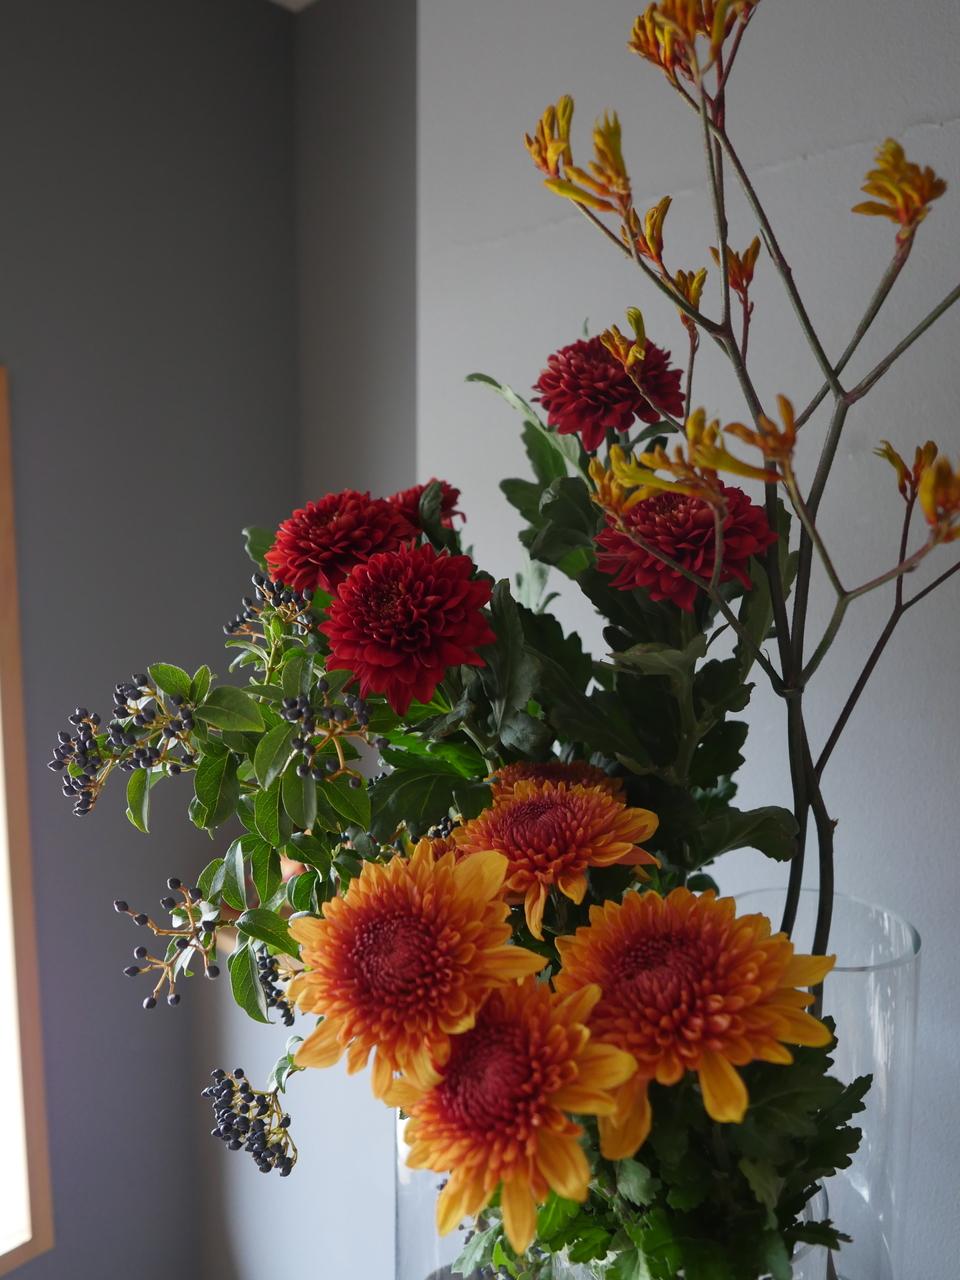 【季節の特別レッスン】重陽の節句を学び、花器に合わせて生ける勉強会